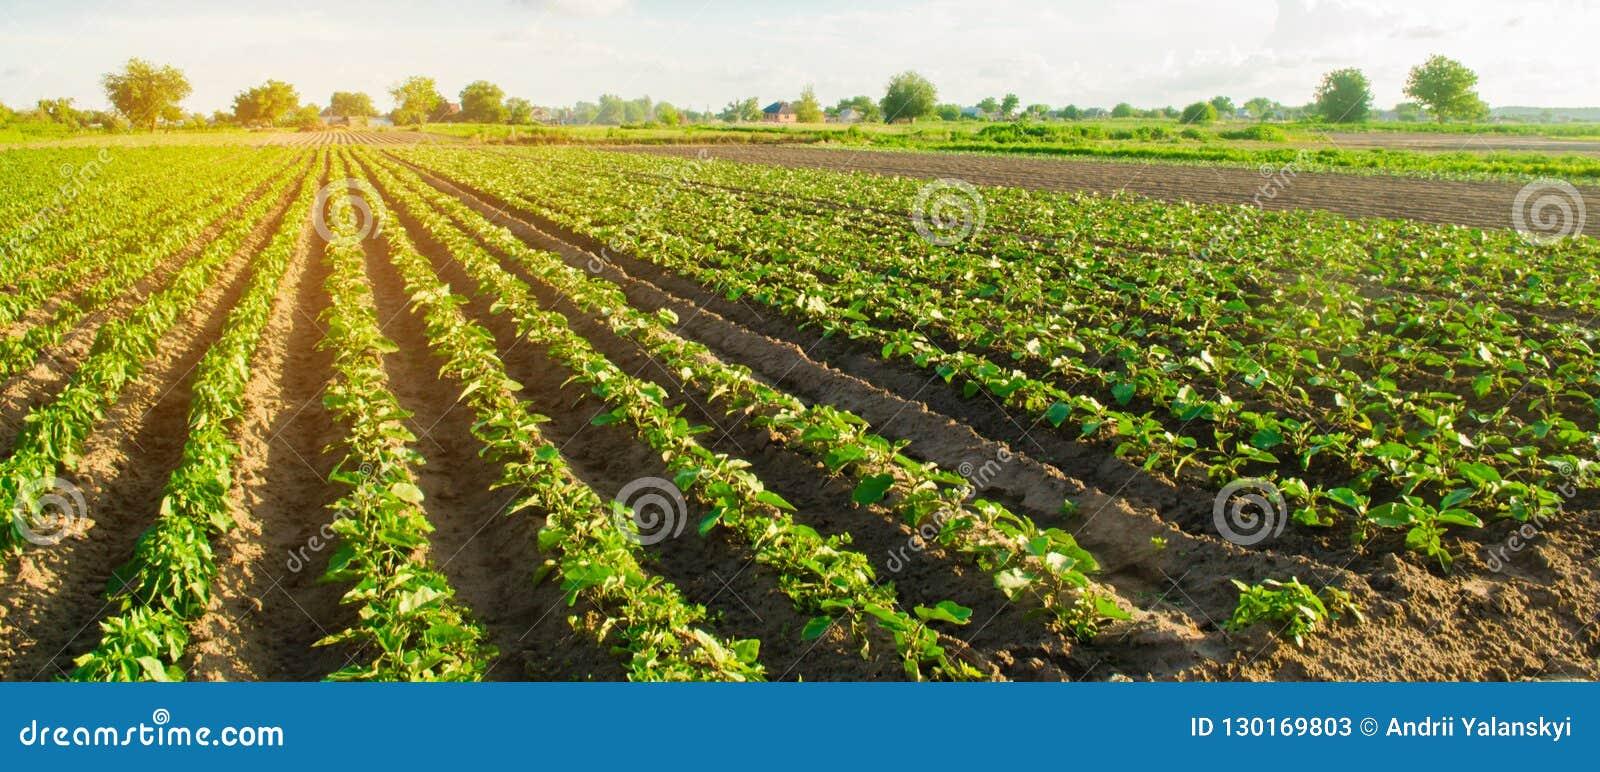 Le giovani melanzane si sviluppano nel campo file di verdure Agricoltura, coltivante farmlands Paesaggio con terreno agricolo Le